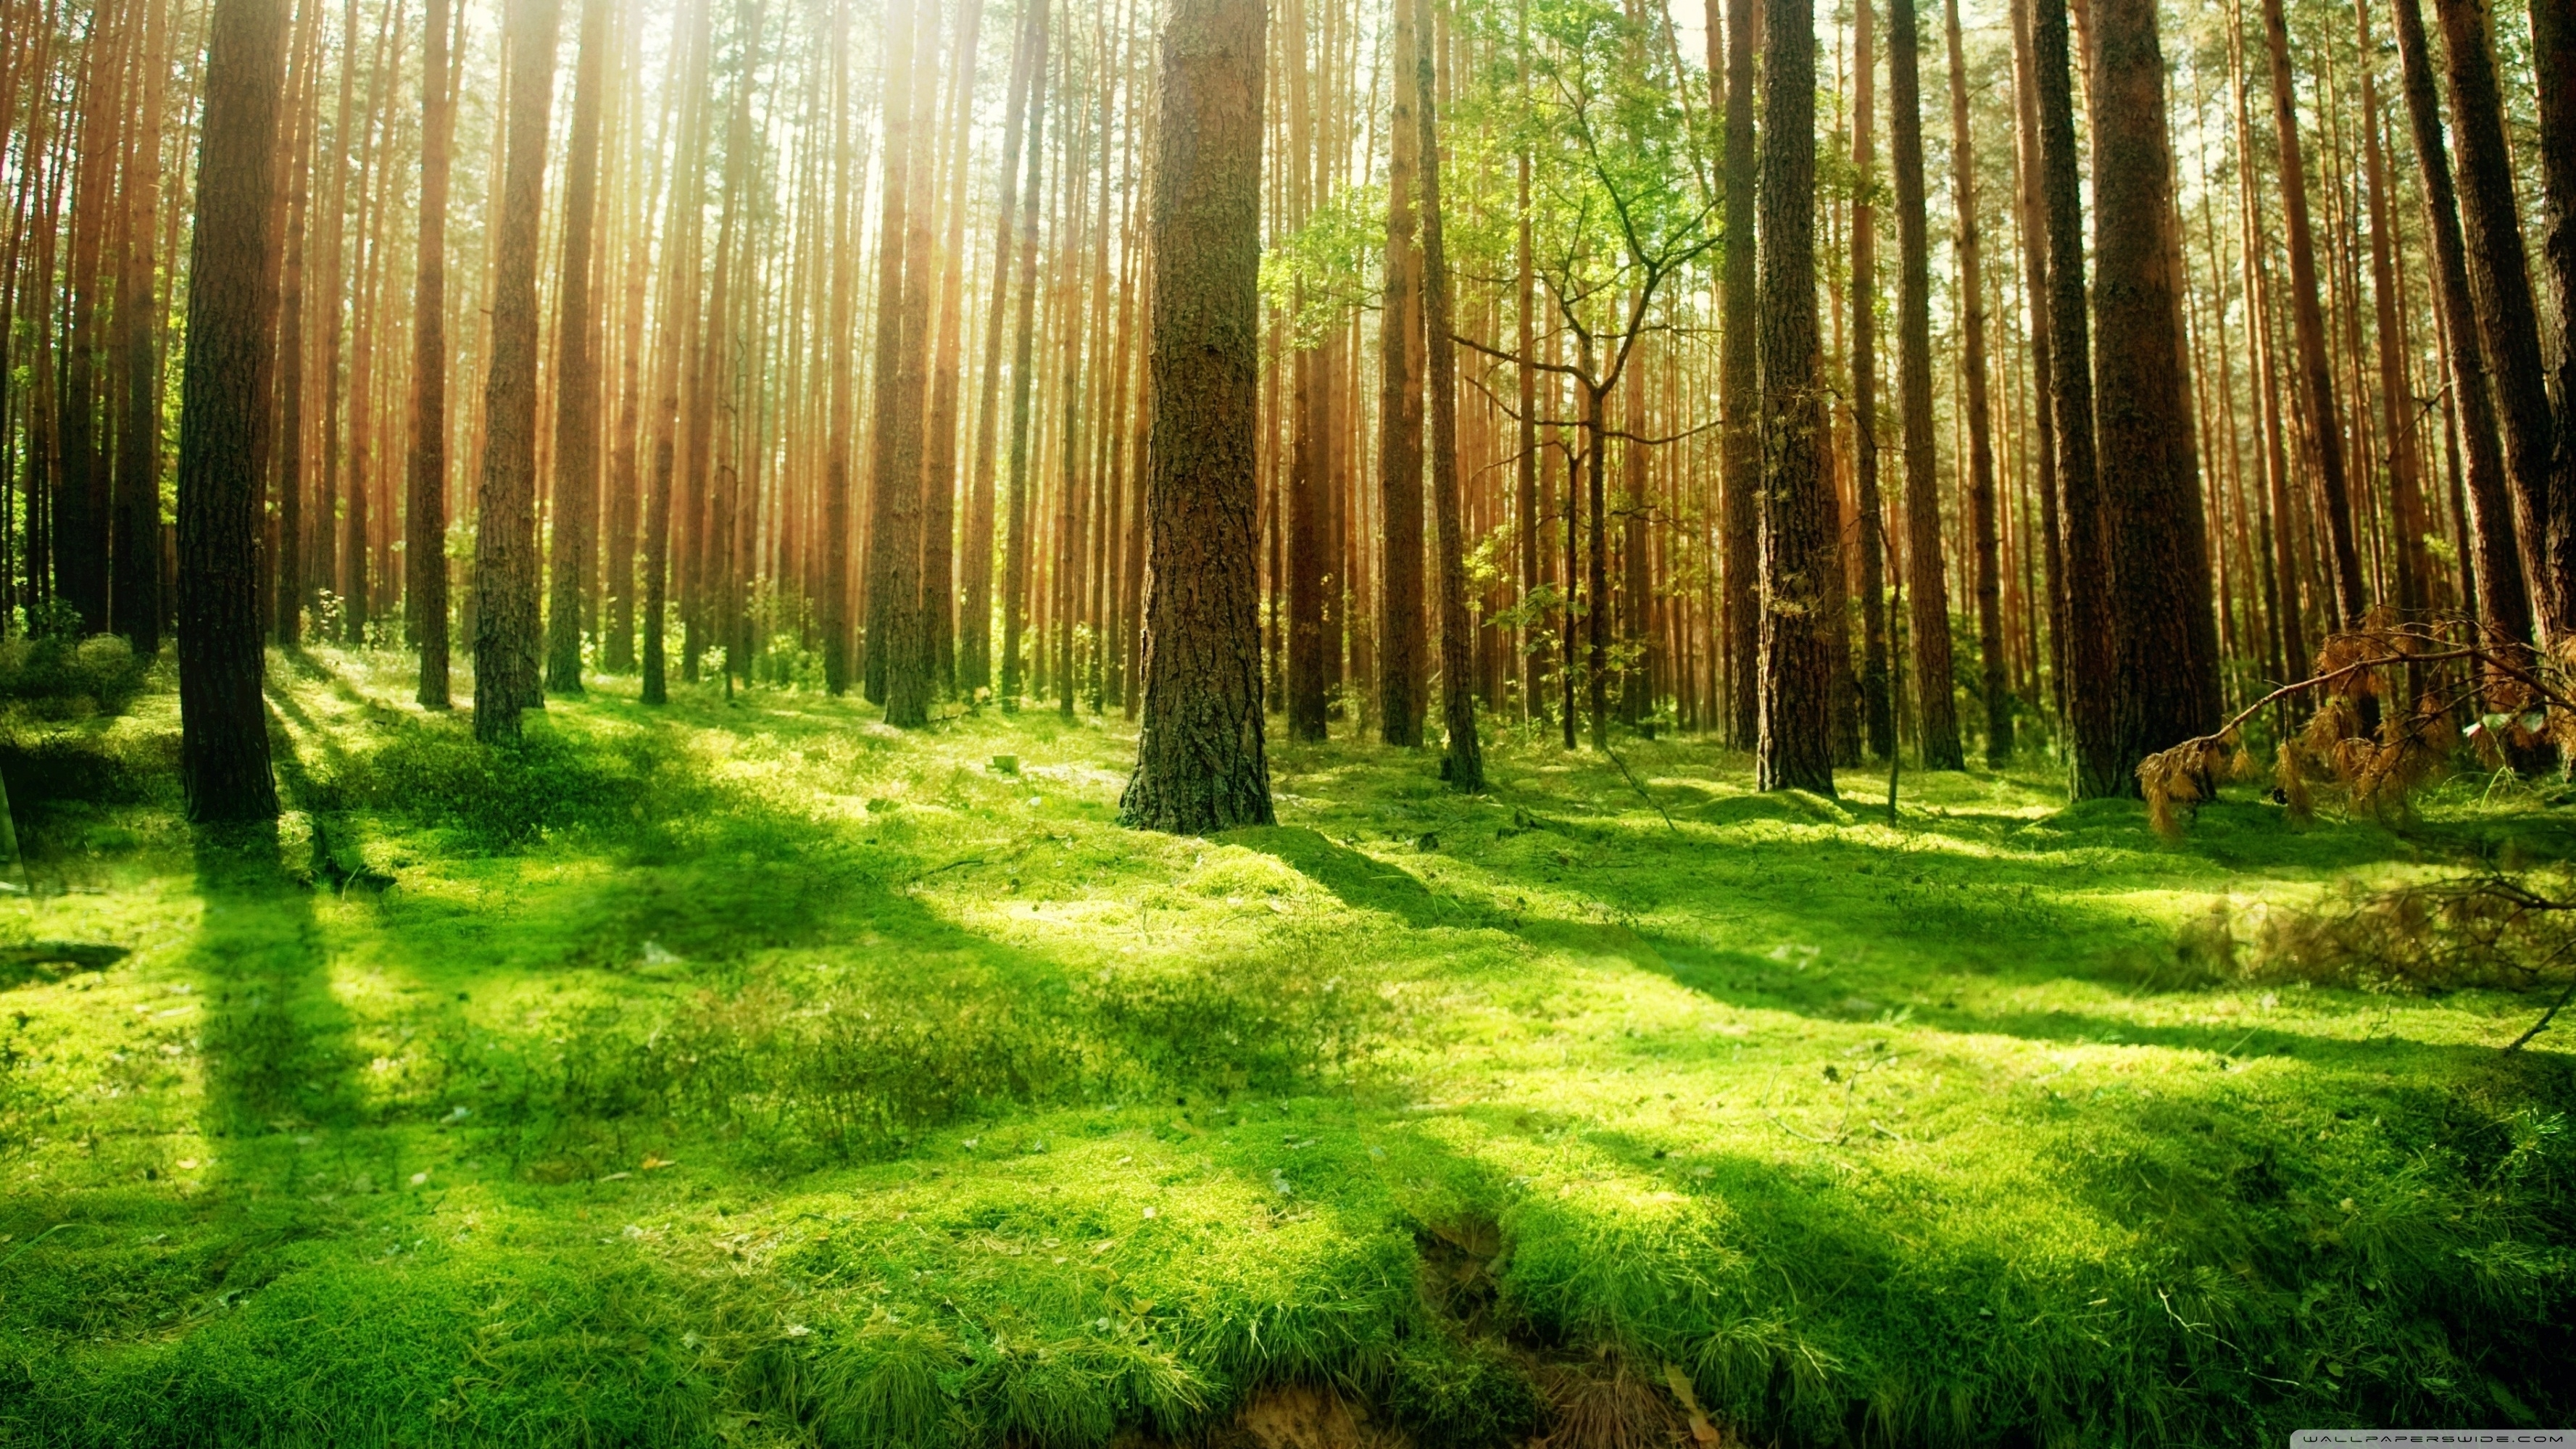 beautiful forest scenery ❤ 4k hd desktop wallpaper for 4k ultra hd